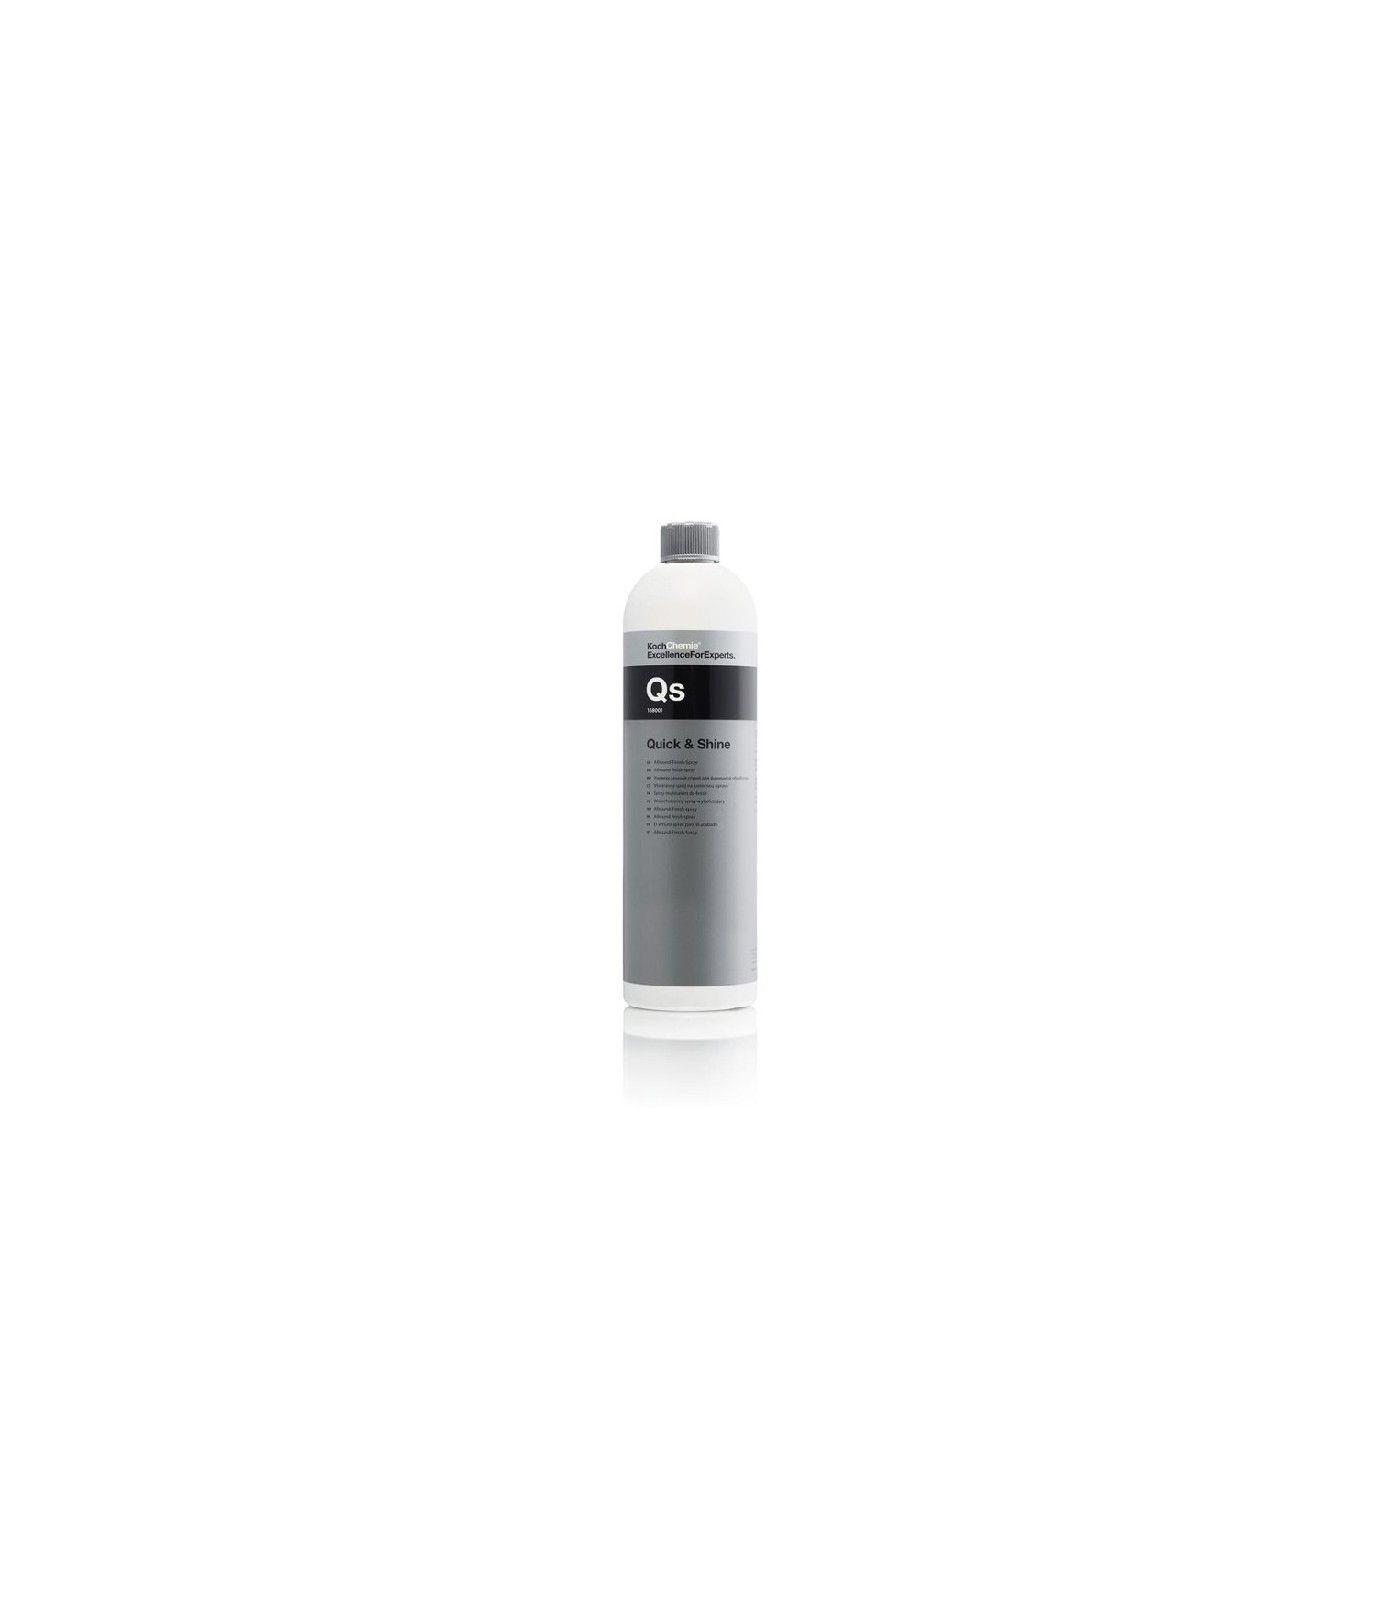 Koch Chemie Quick & Shine - Allround Spray - quick detailer